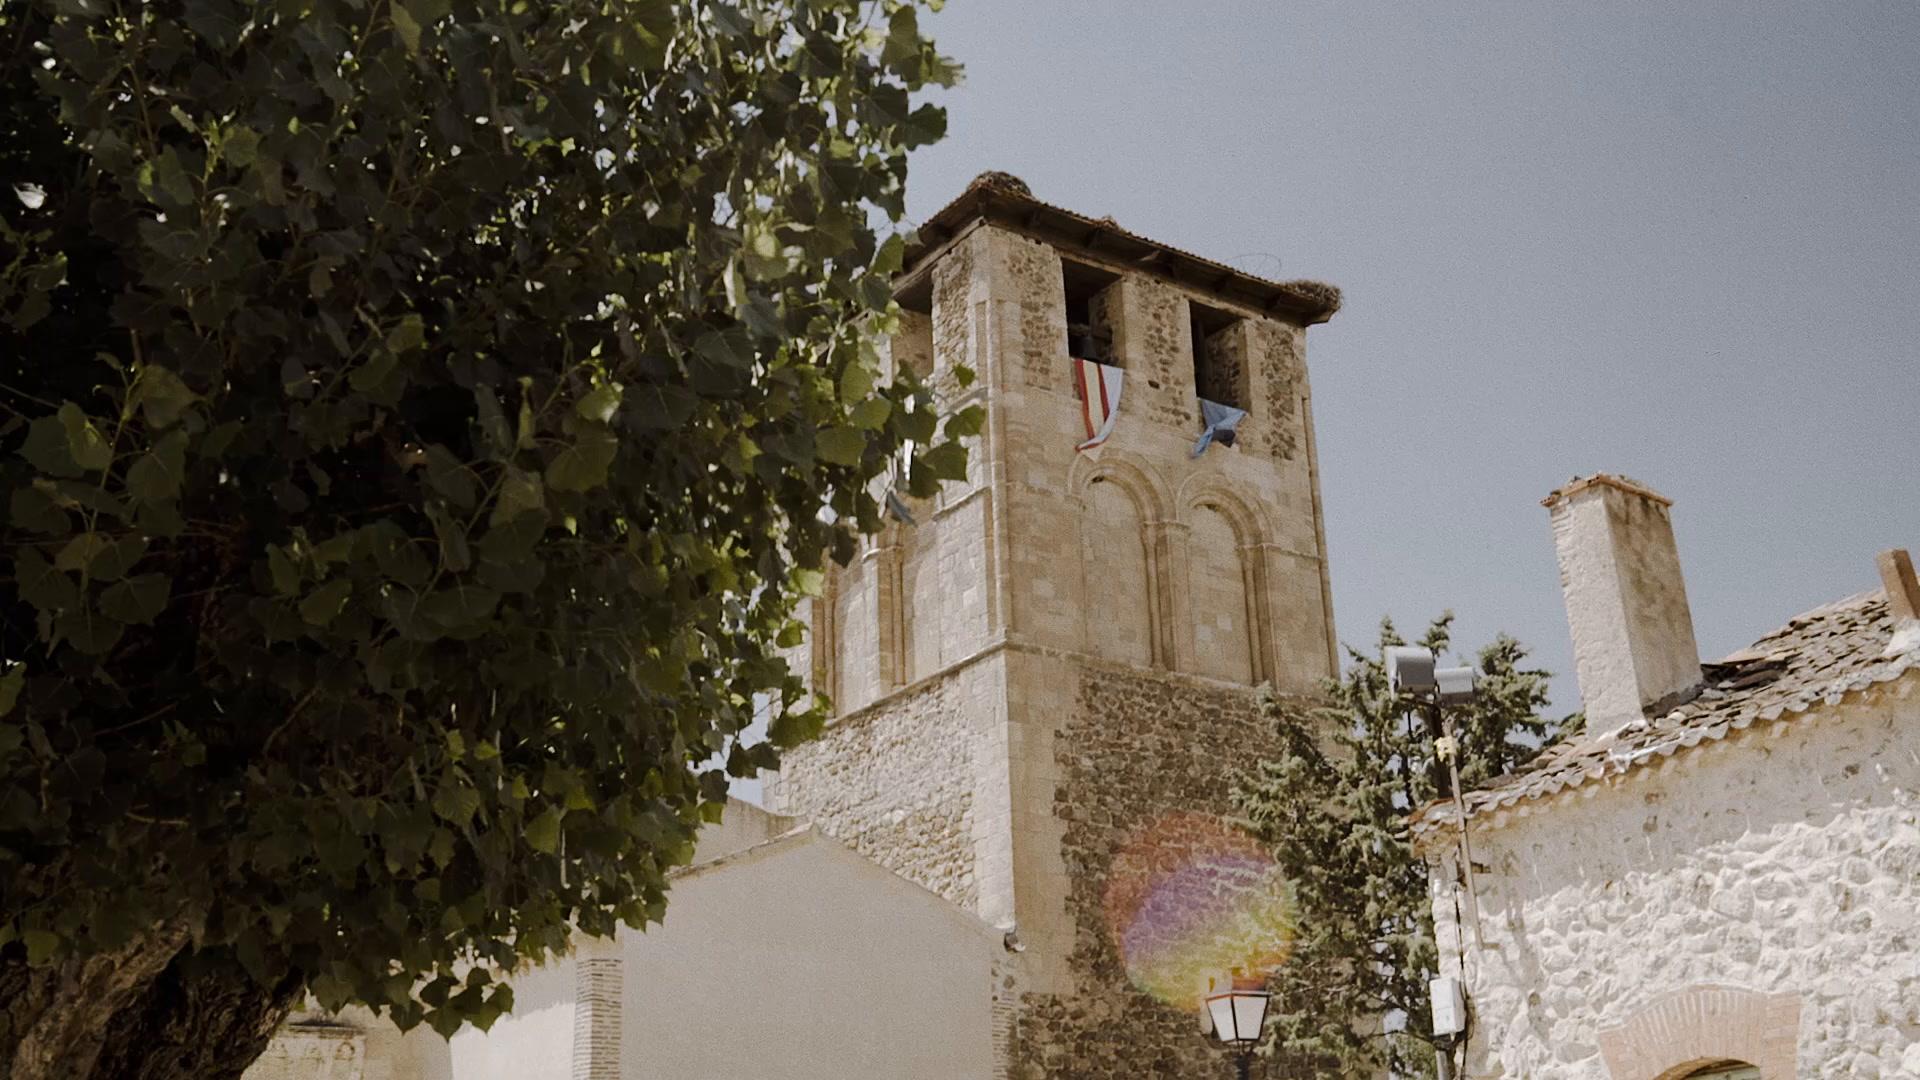 Maria + Rodrigo | Segovia, Spain | a Catholic Church